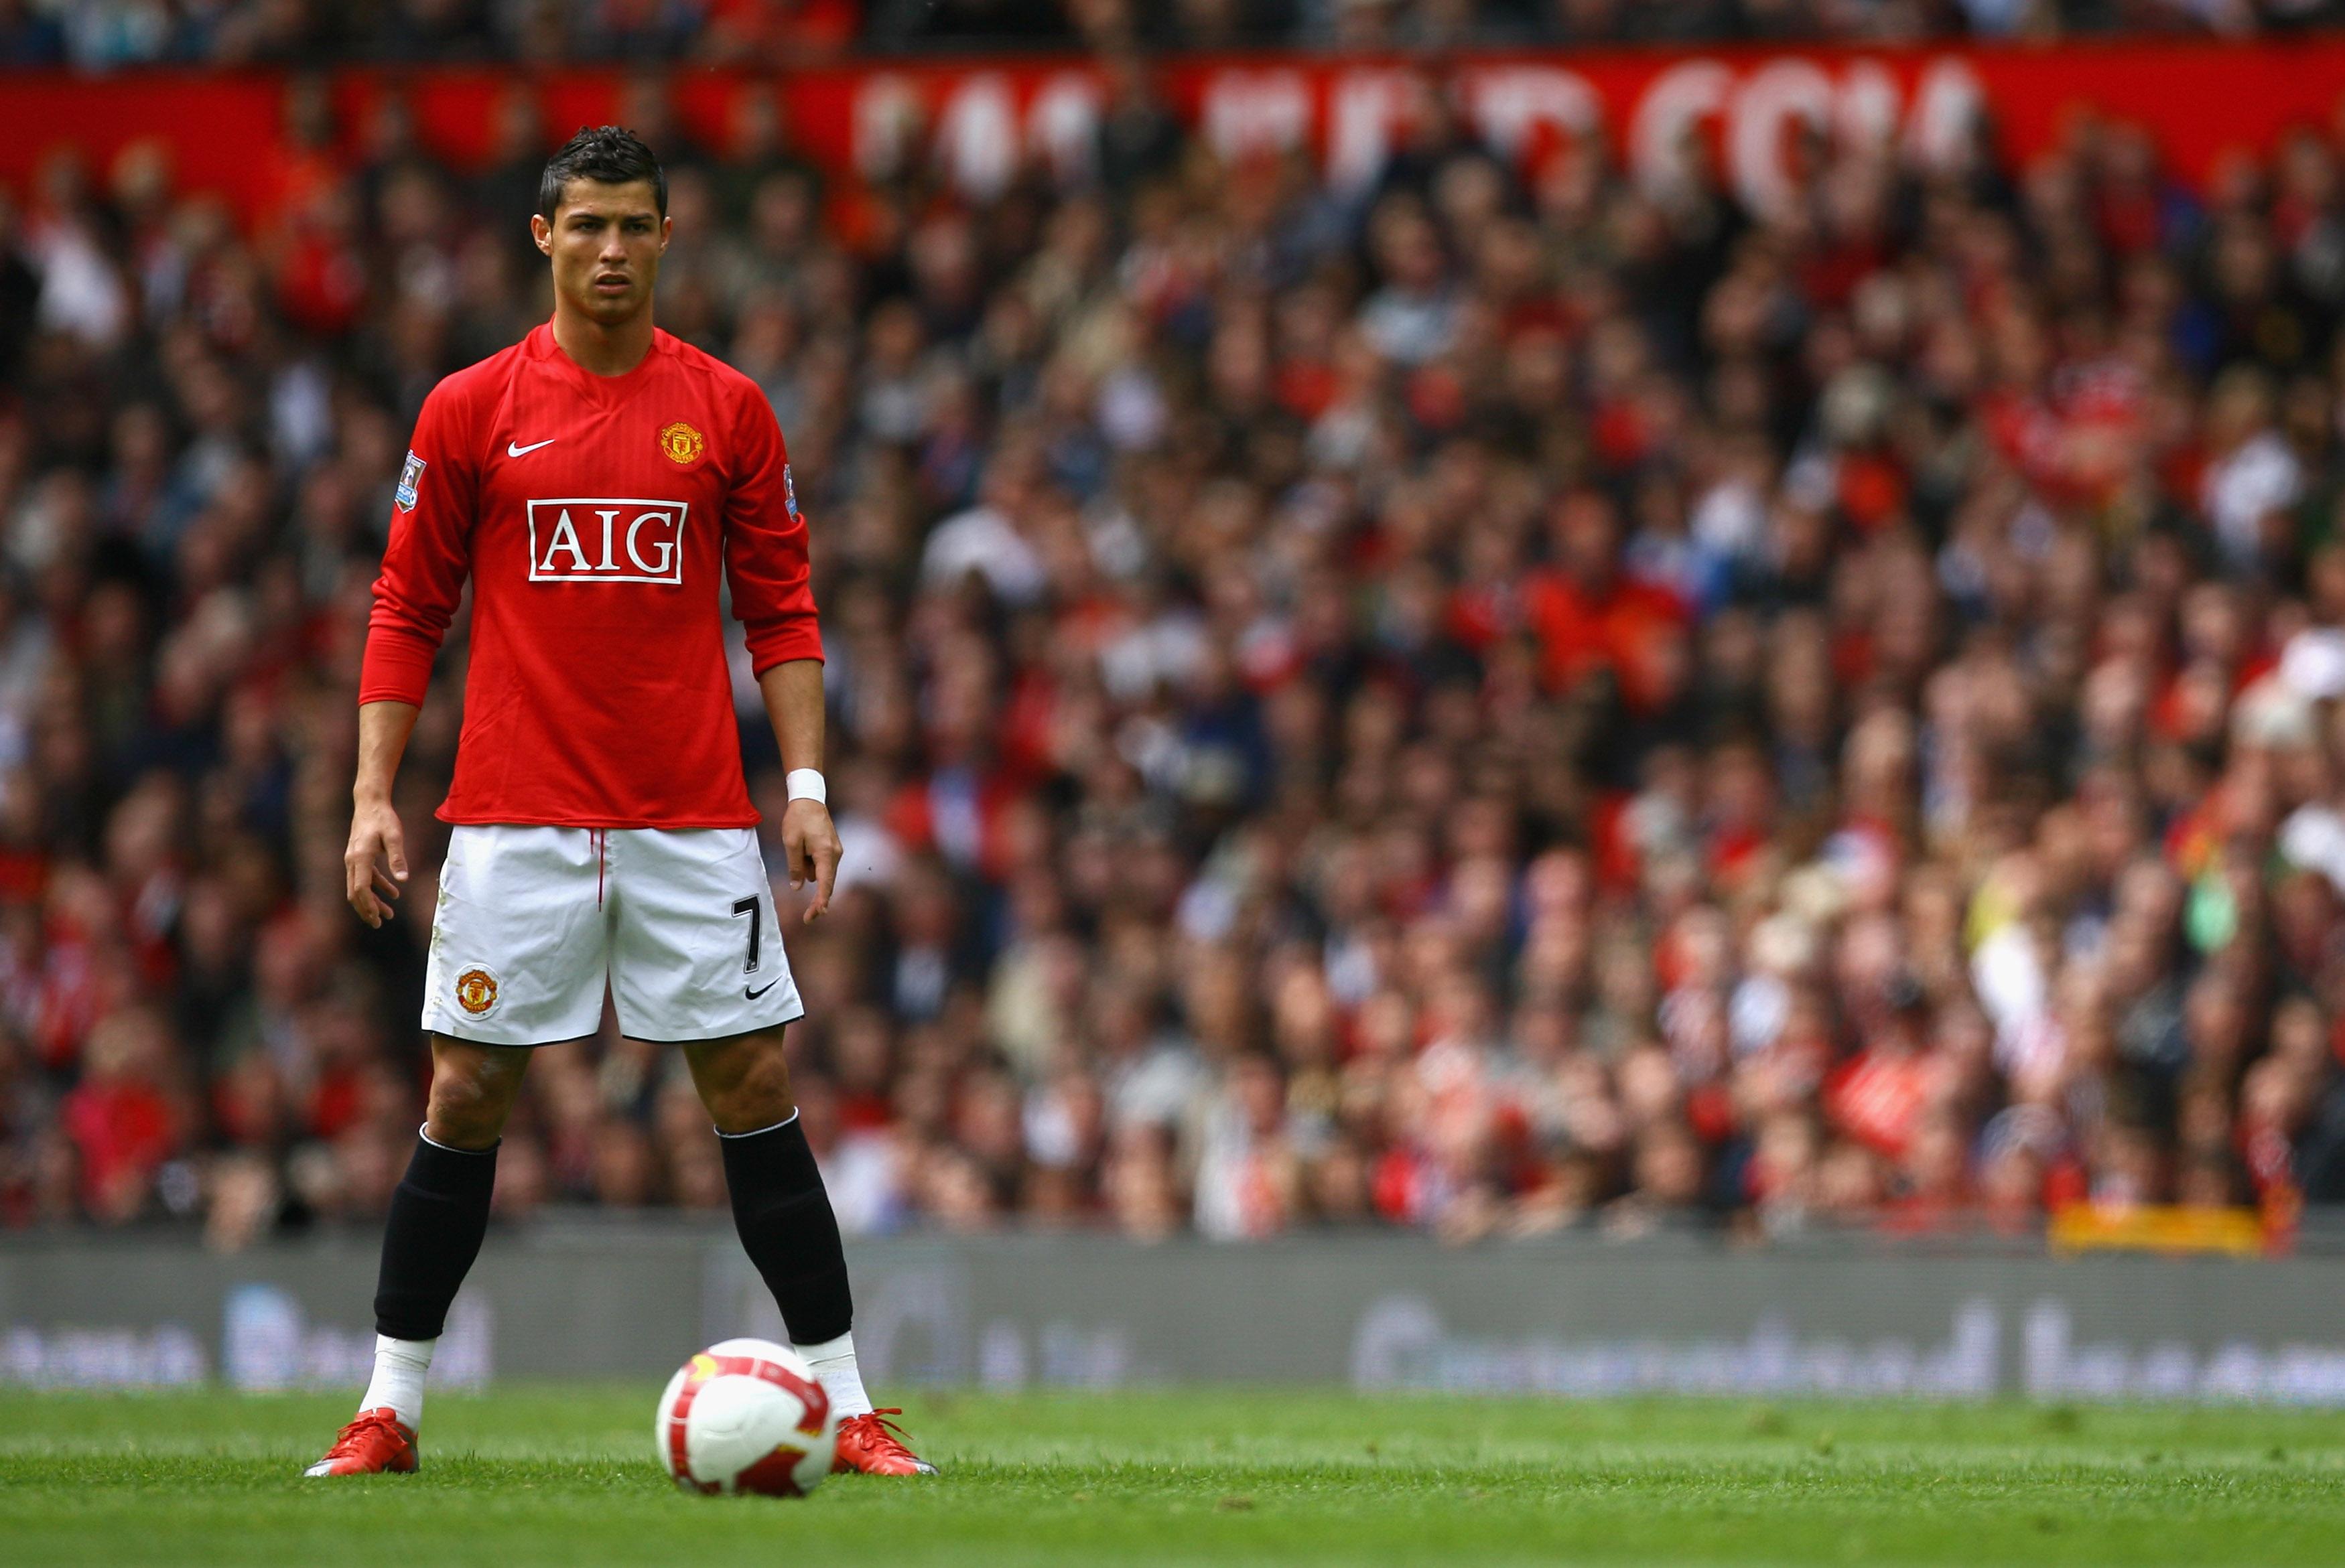 Cristiano Ronaldo giocherà con la Juventus - Neomag.